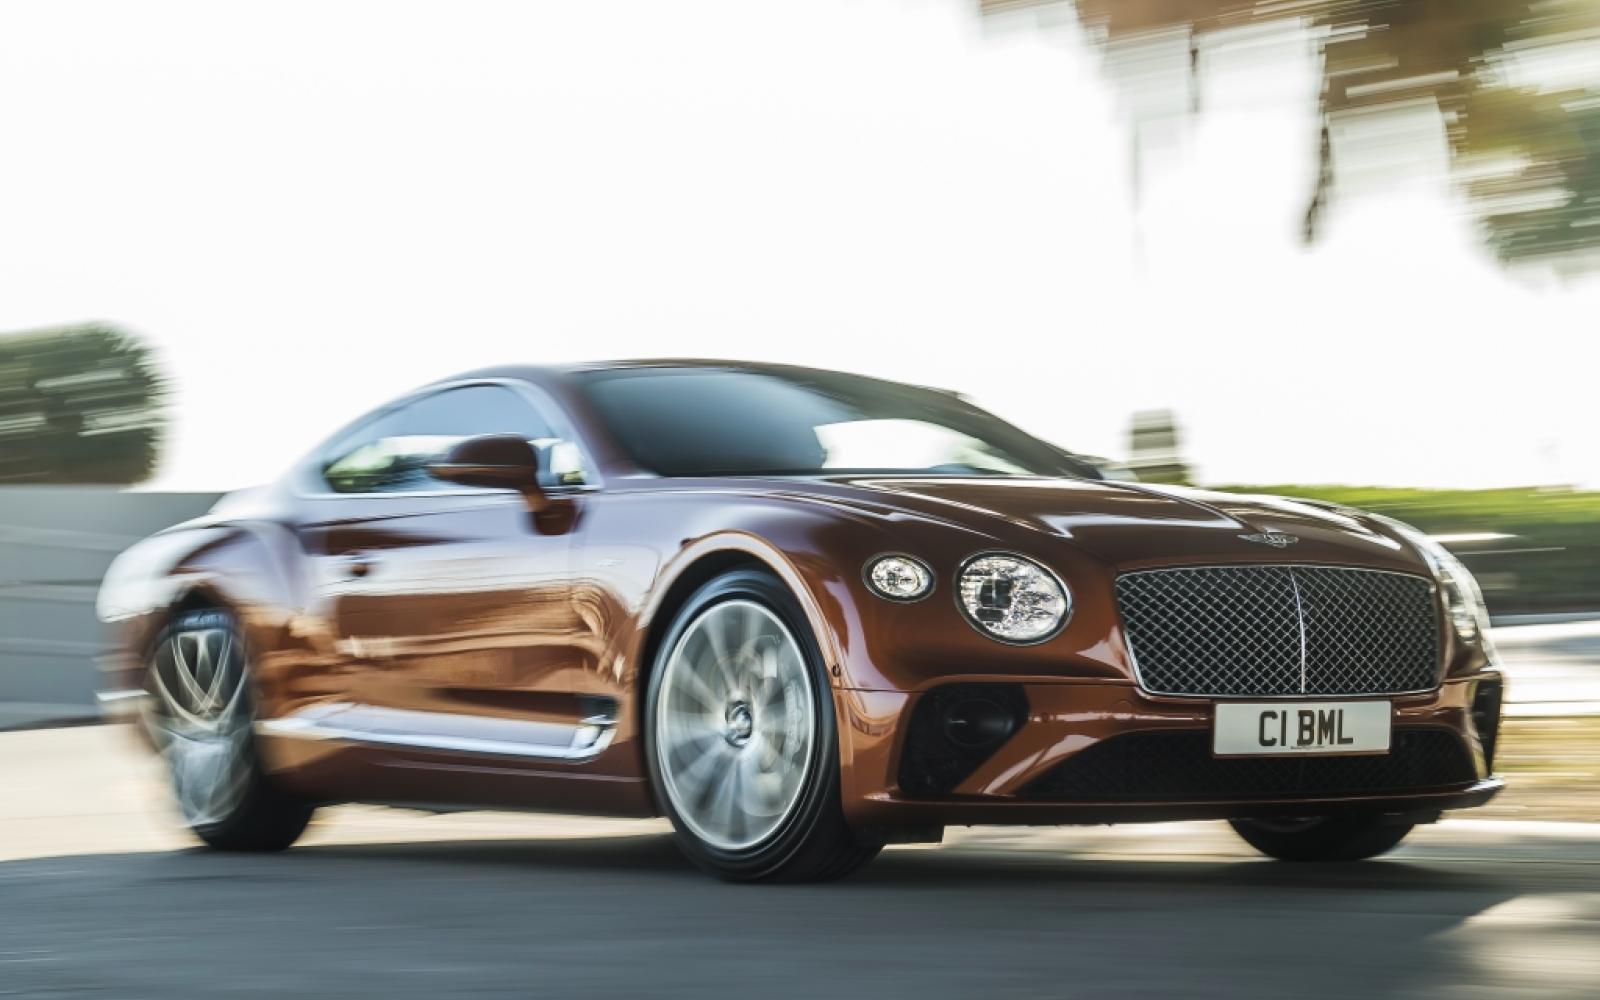 Bentley Continental GT V8 doet nauwelijks onder voor W12